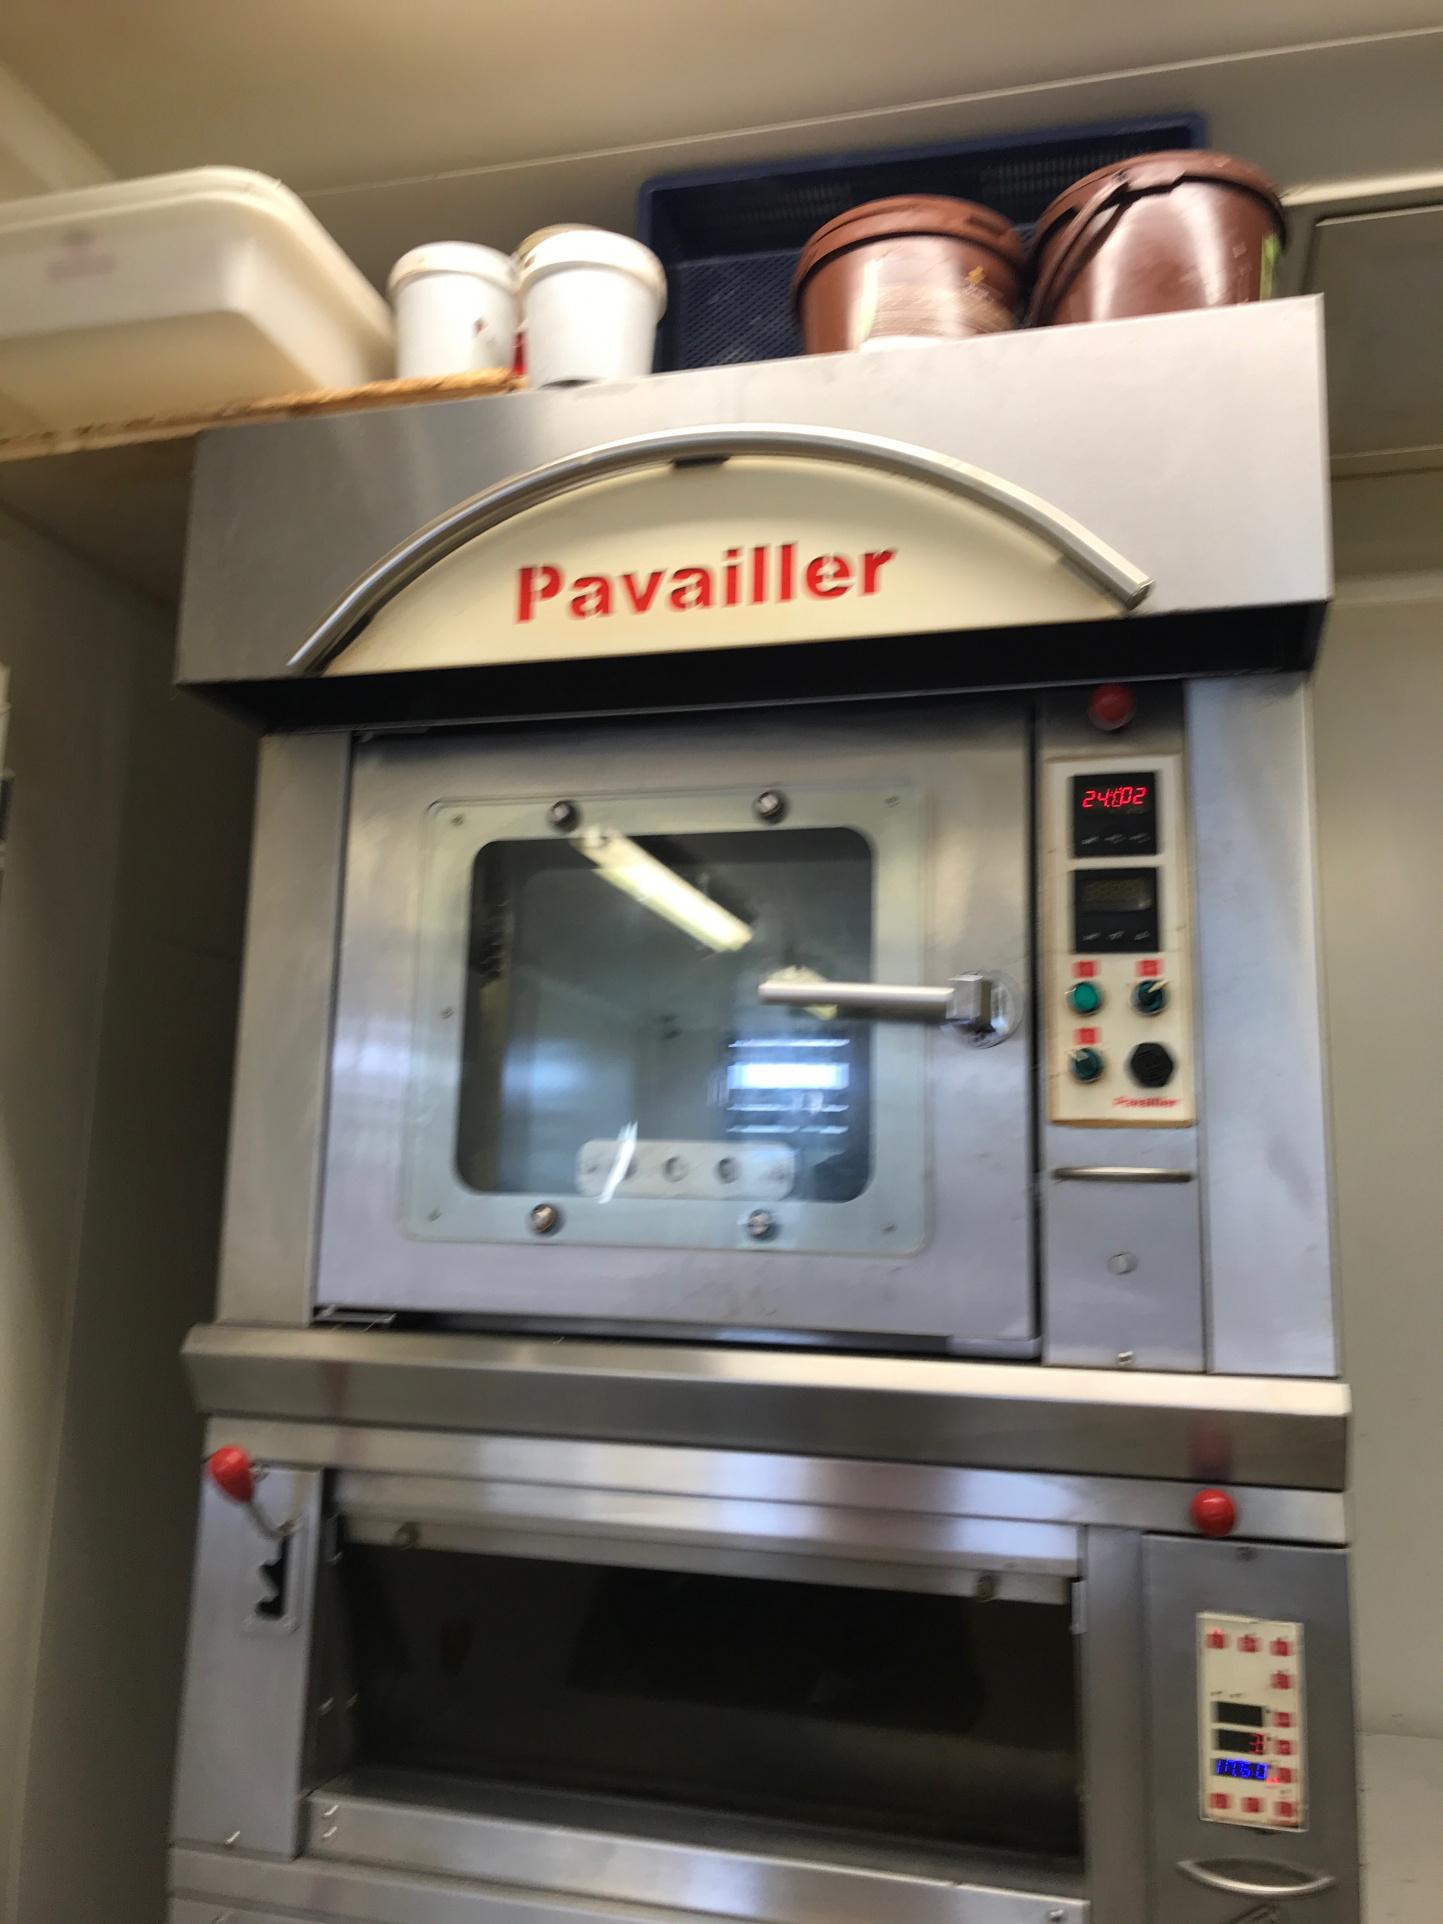 Belle boulangerie pâtisserie, snack sur emplacement n°1 Var Est - Radio Pétrin